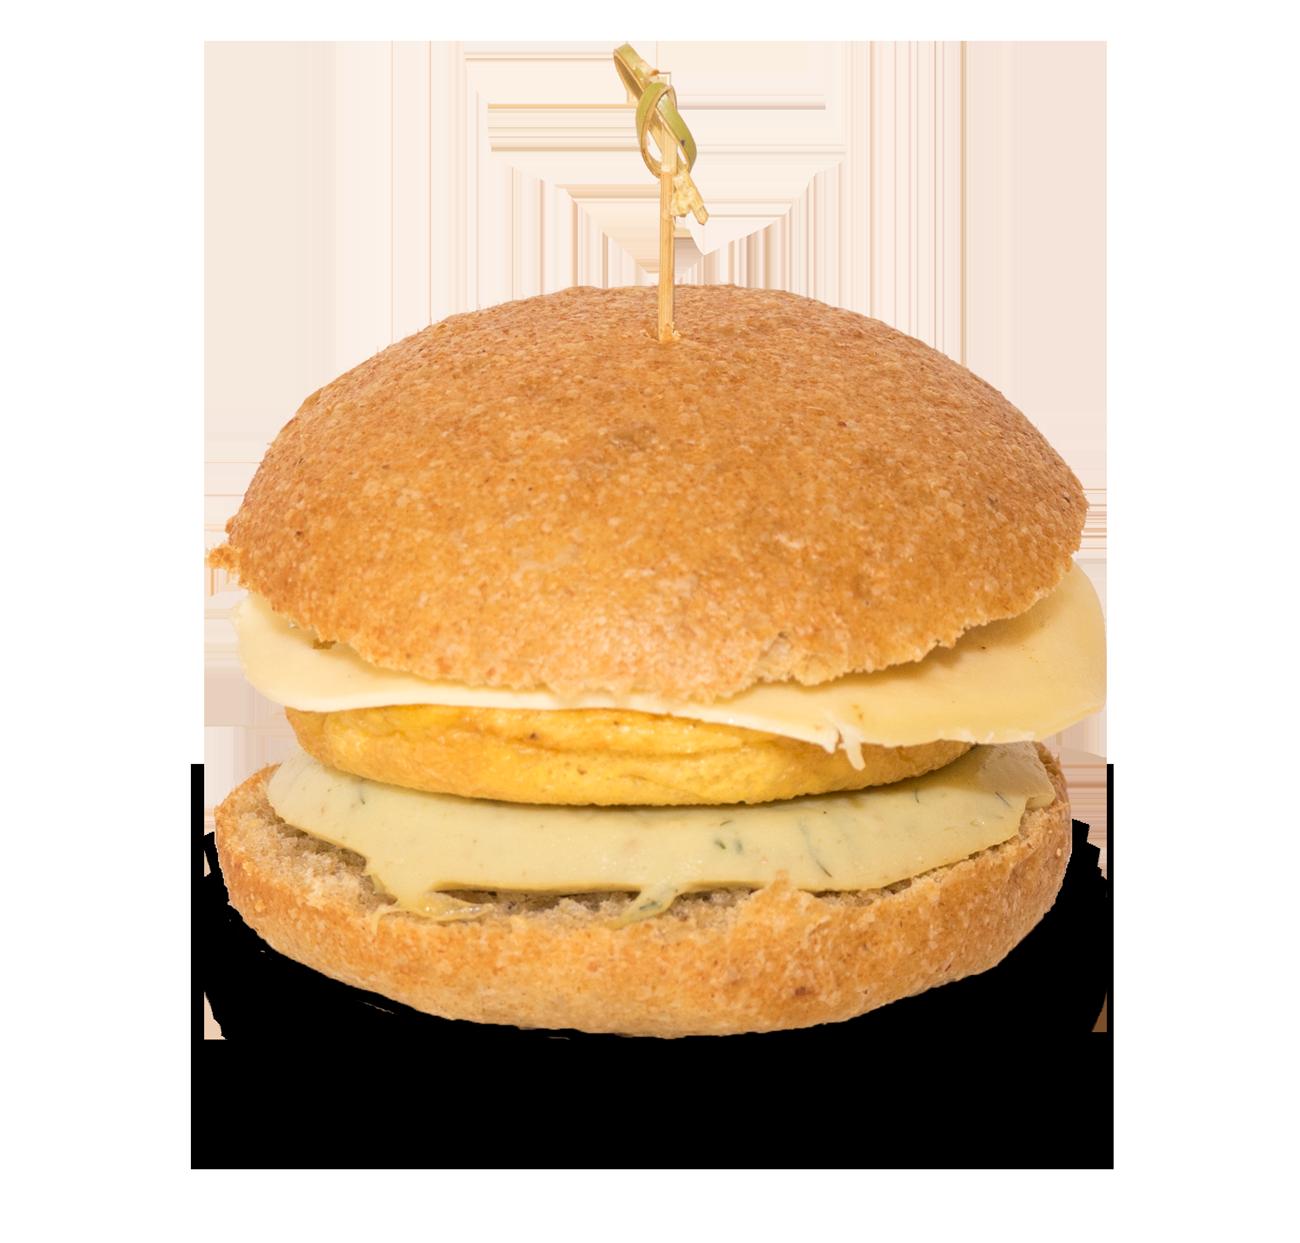 Heptagon, panino con hamburger di piciocia, uovo omelette e provola.